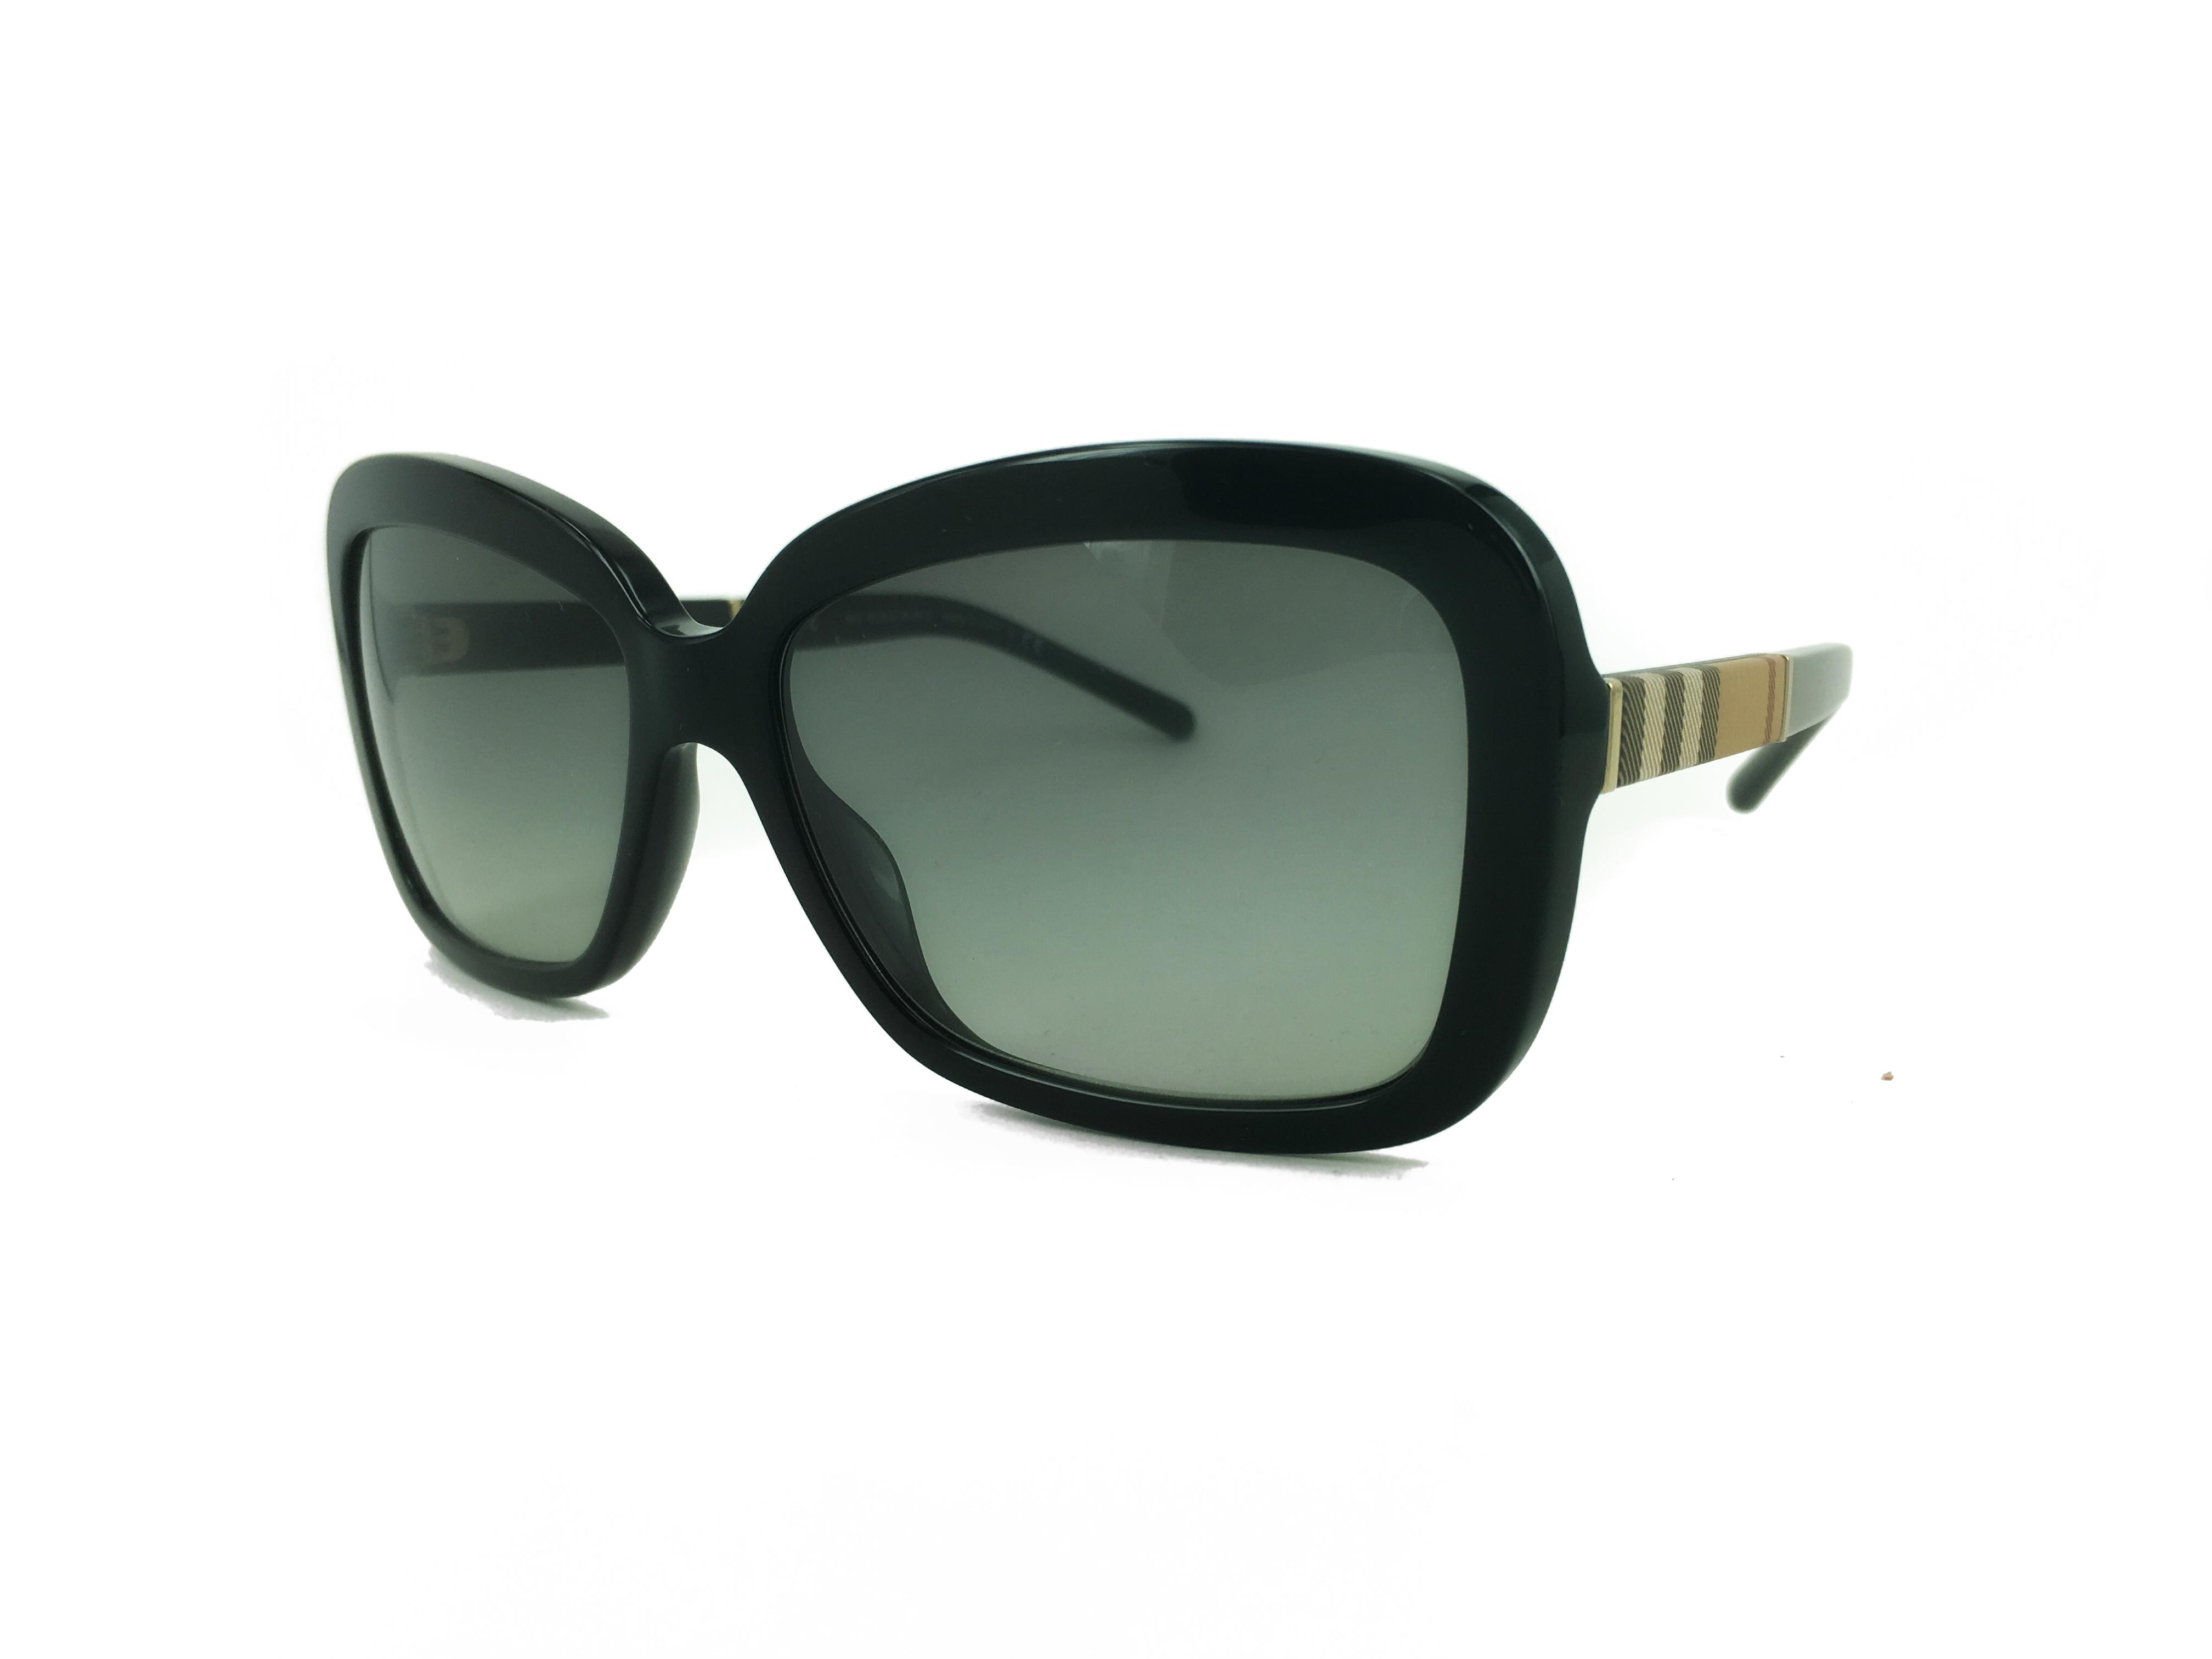 Τα γυαλιά ηλίου BURBERRY B 4173 3001 11 58 είναι ιδανικά για μεσαία και  μεγάλα πρόσωπα. Οι φακοί είναι οργανικοί άθραυστοι 100% απορροφητικοί σε  χρώμα φιμέ ... 053f46665b6